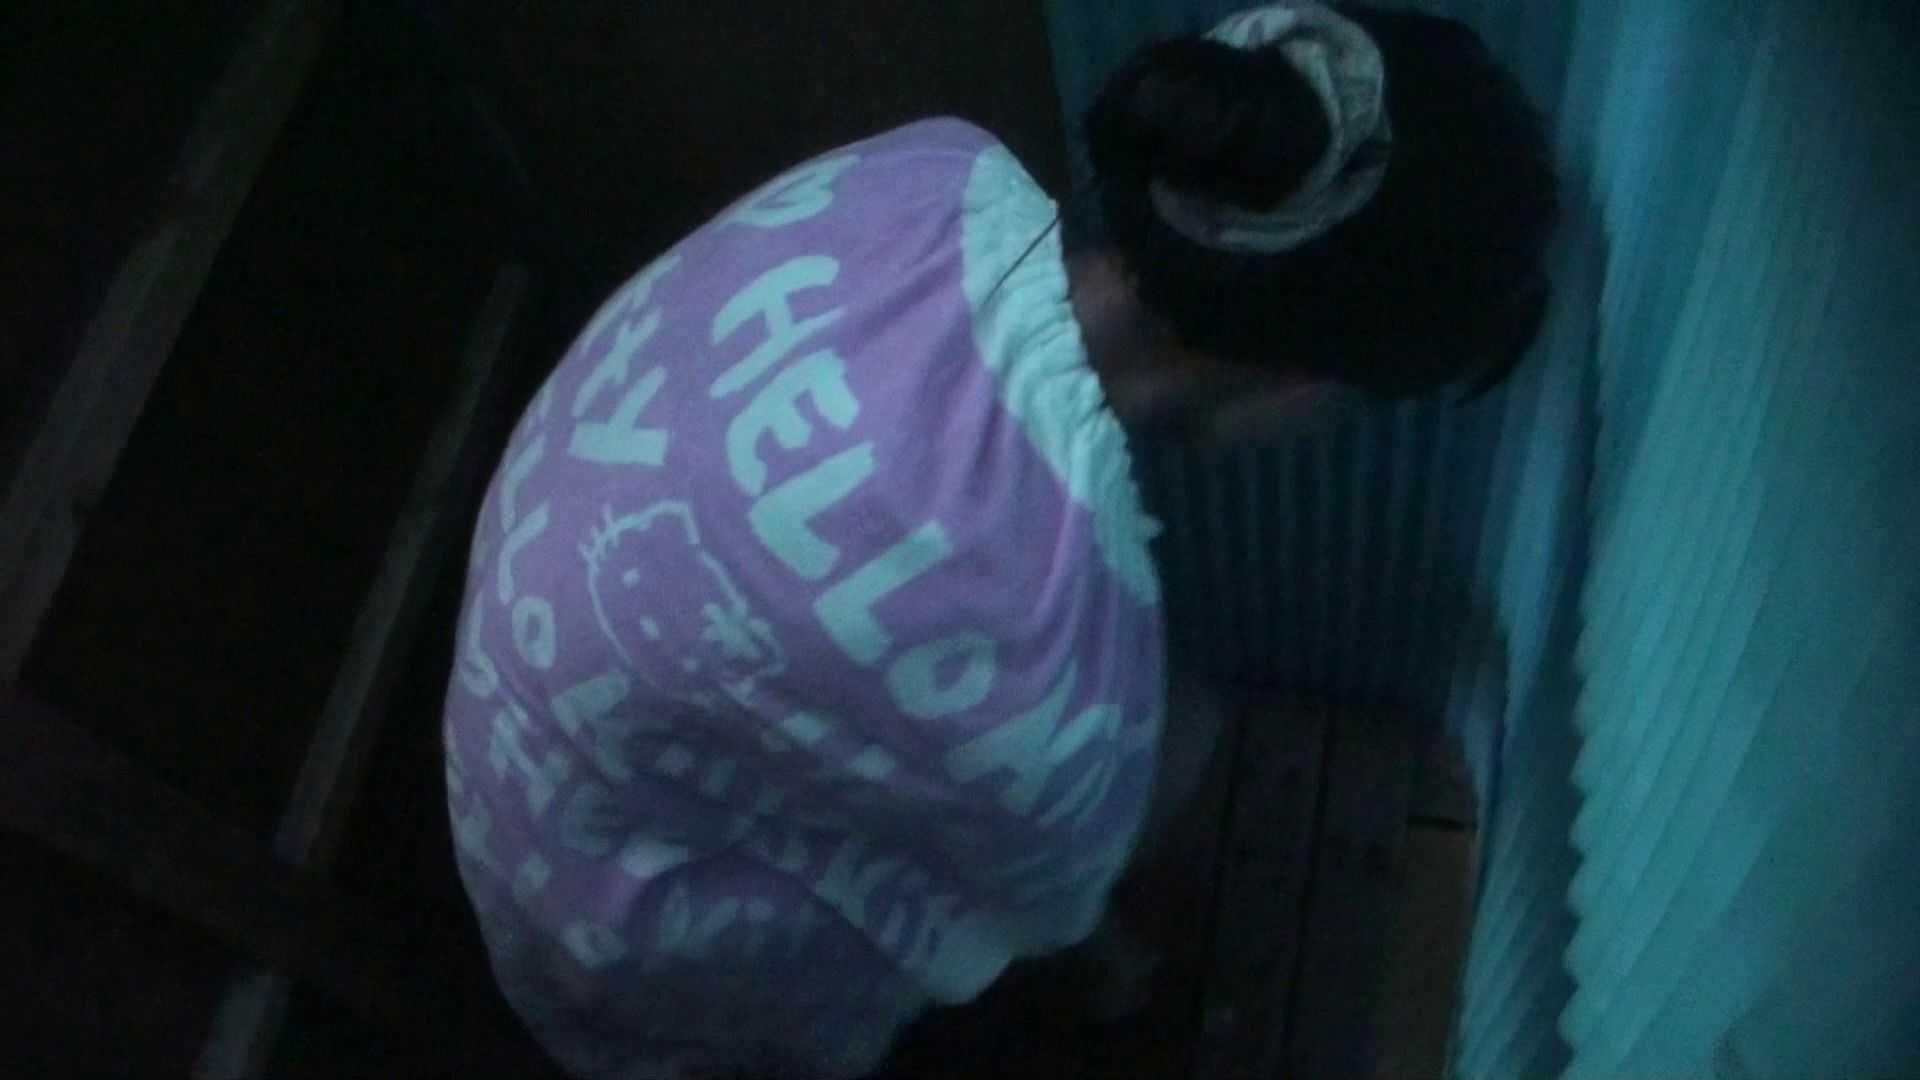 シャワールームは超!!危険な香りVol.26 大学生風美形ギャル 暗さが残念! ギャルのエロ動画  95画像 56